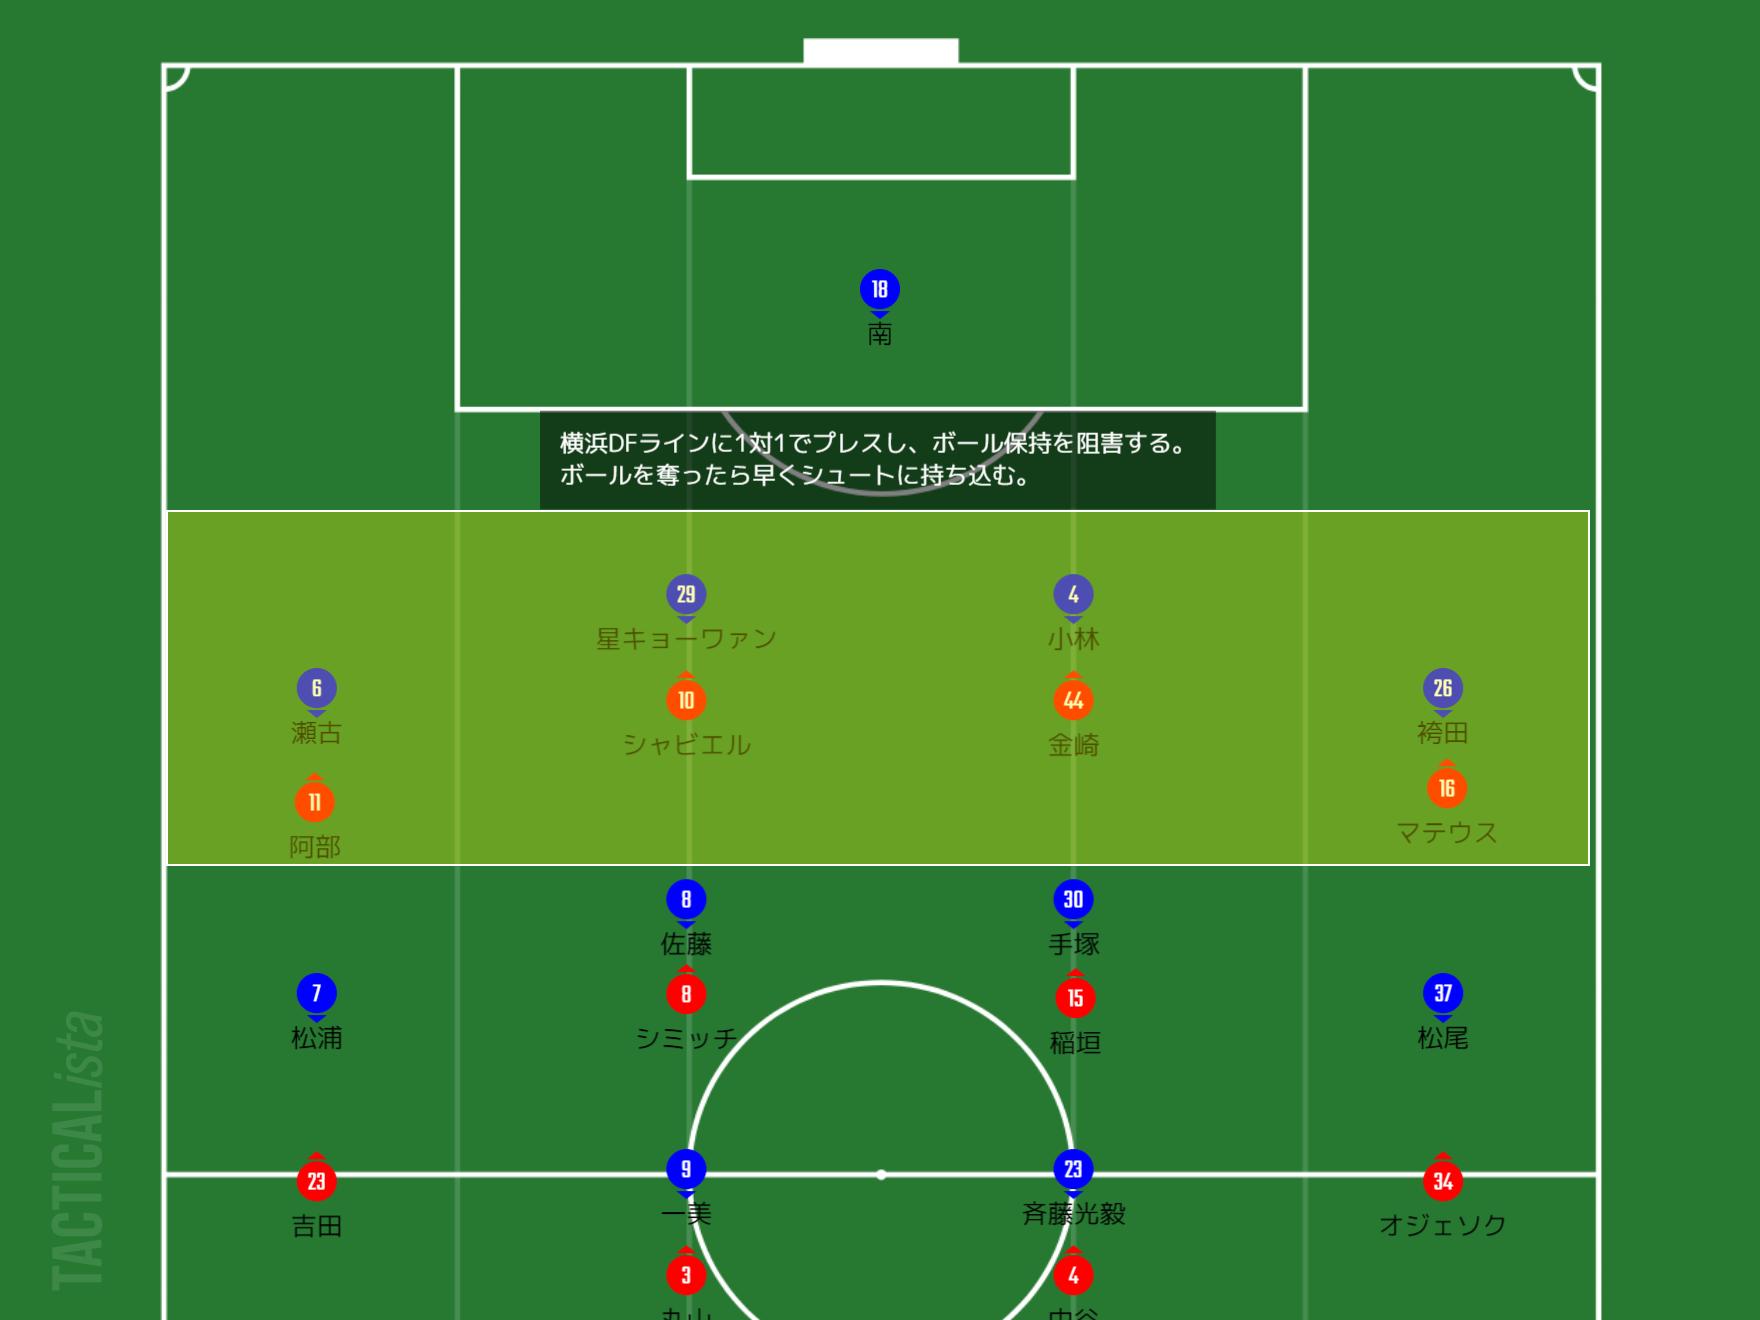 【対策1】相手守備ラインに圧力をかける